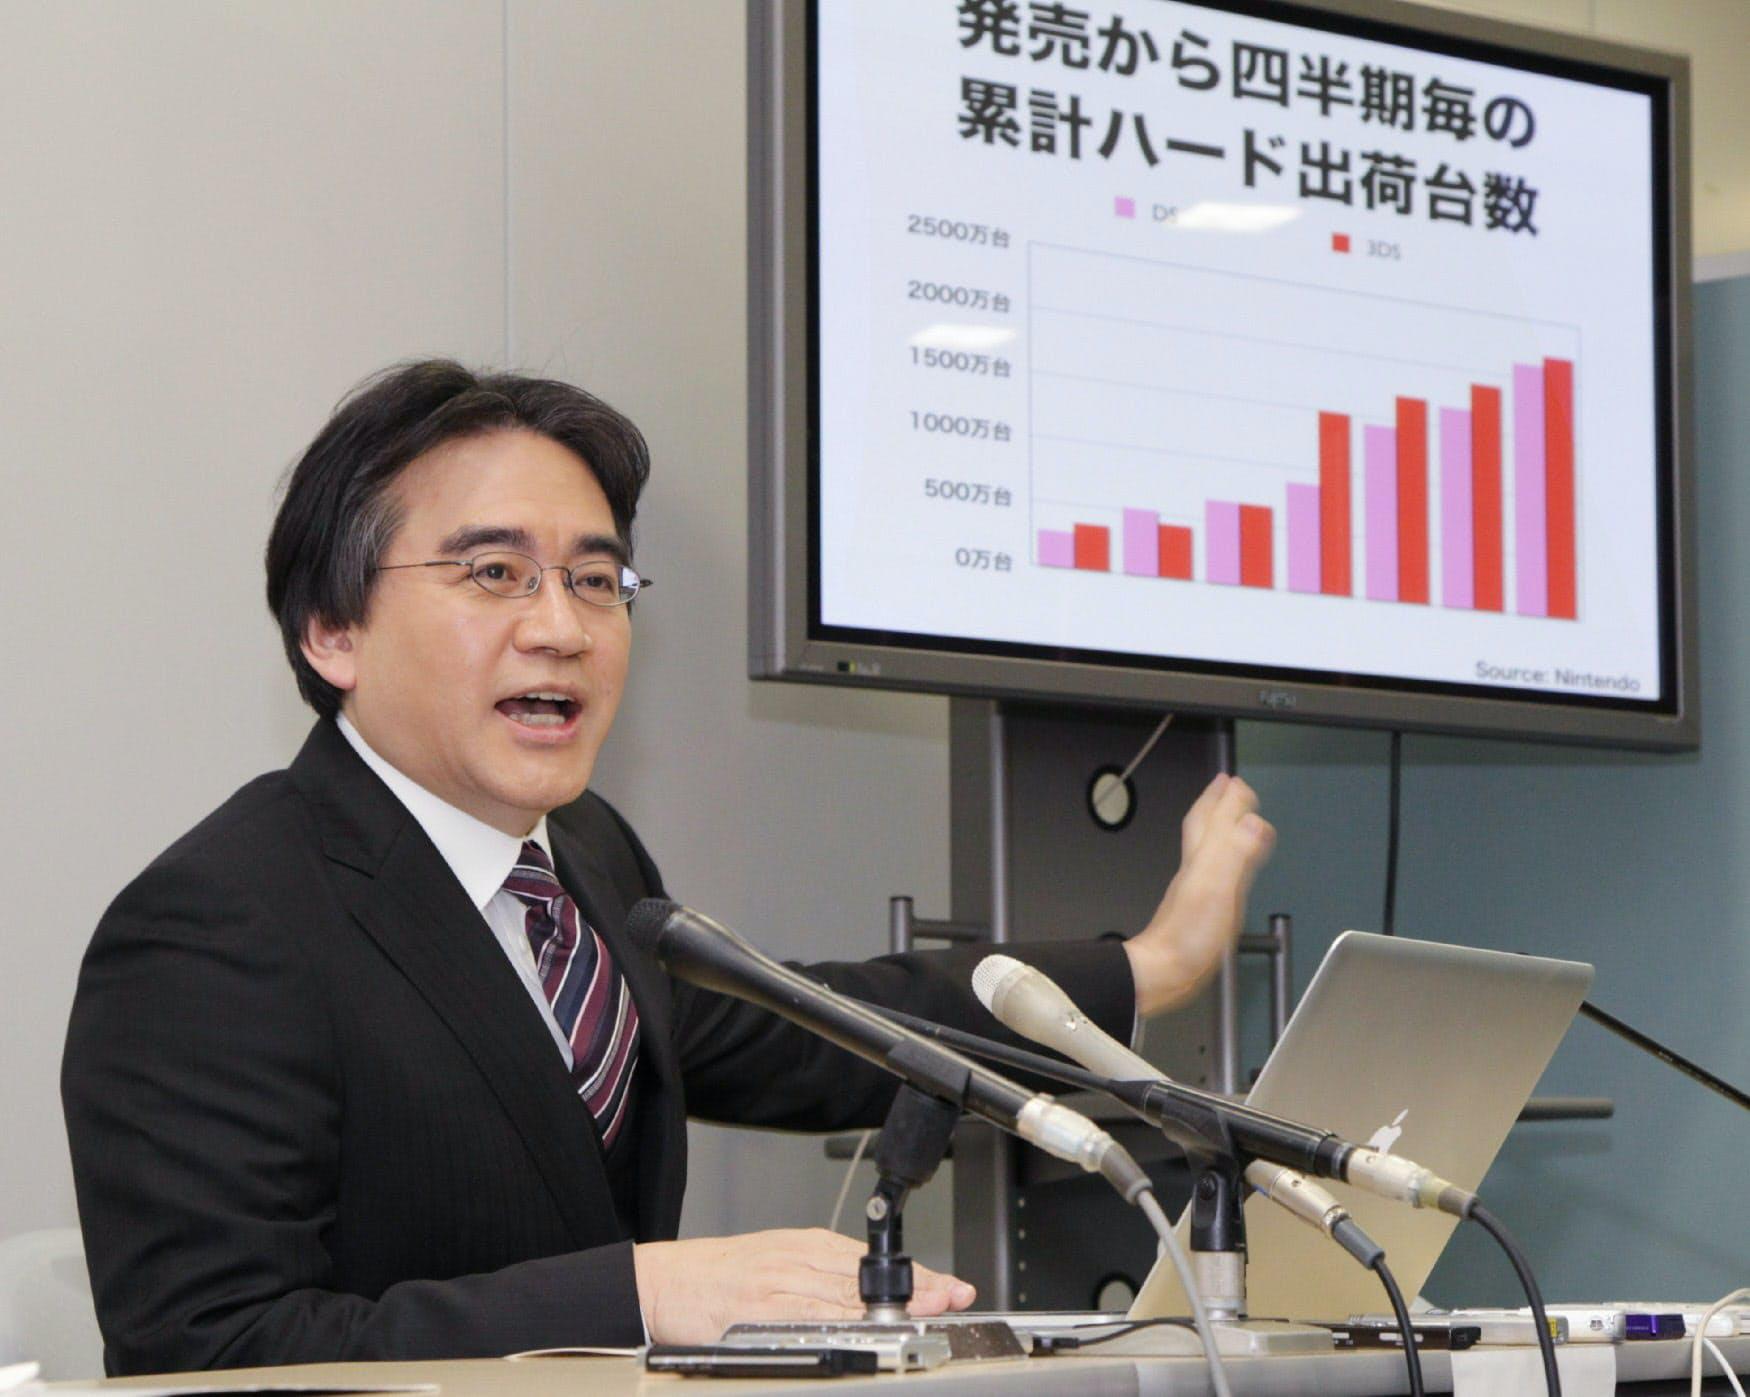 決算を発表する任天堂の岩田社長(24日午後、大証)